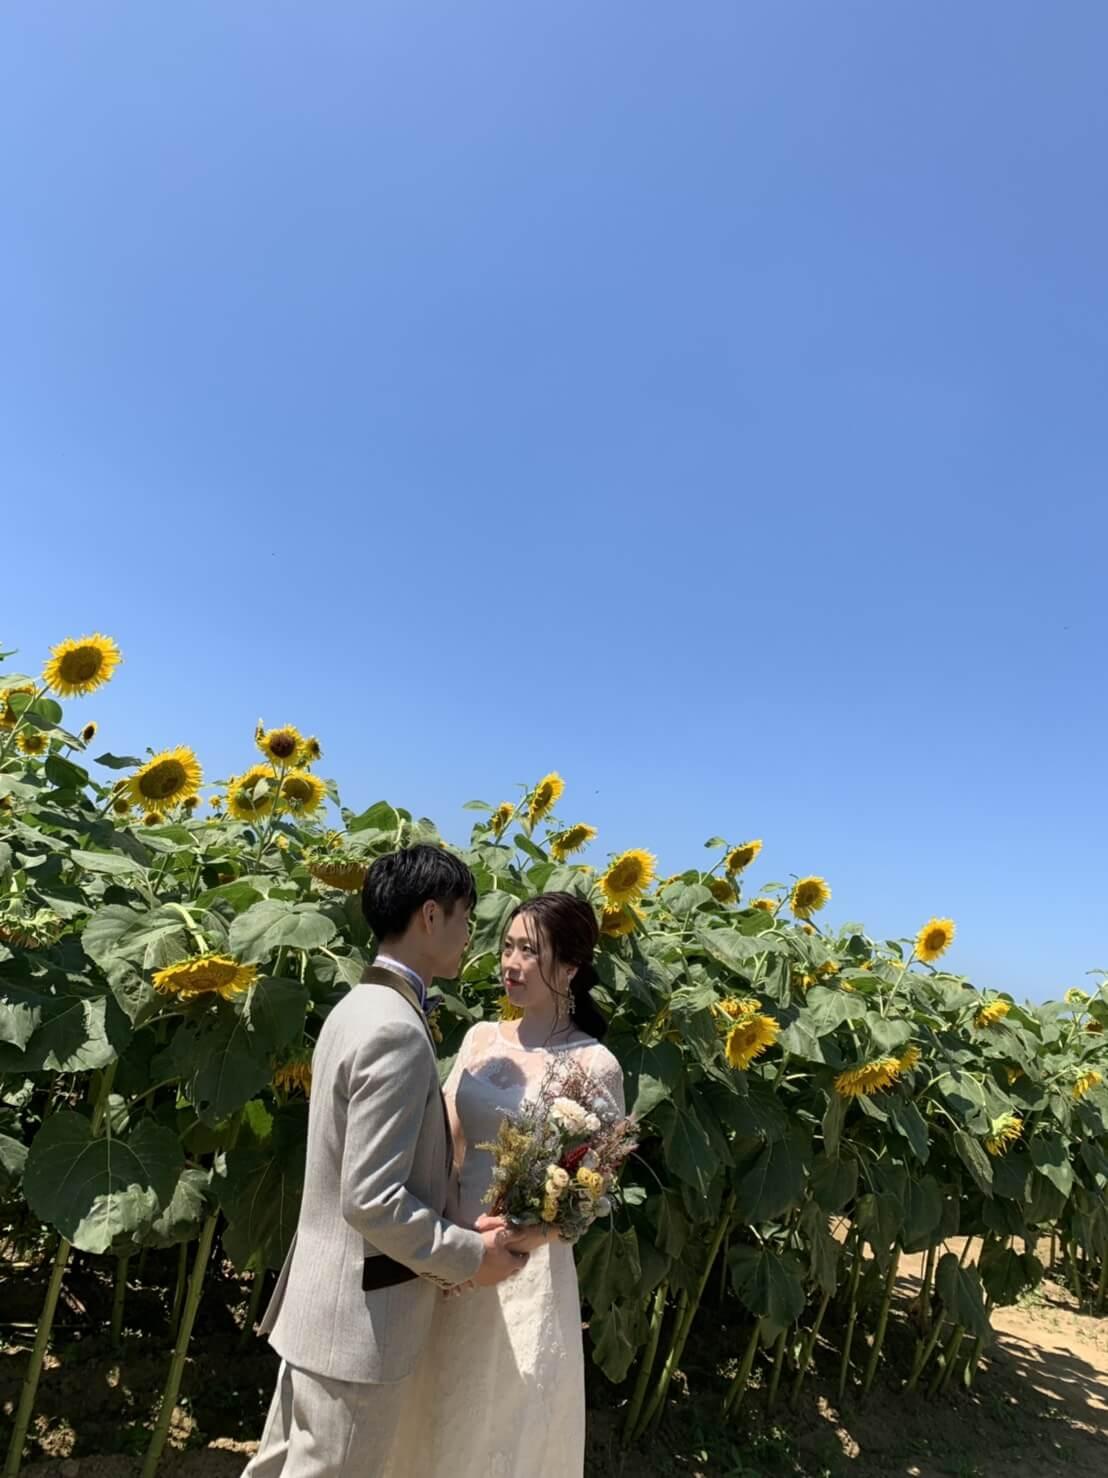 金沢のひまわり畑でウェディングのロケーションフォトを撮りました ブライダルハウスひまわり